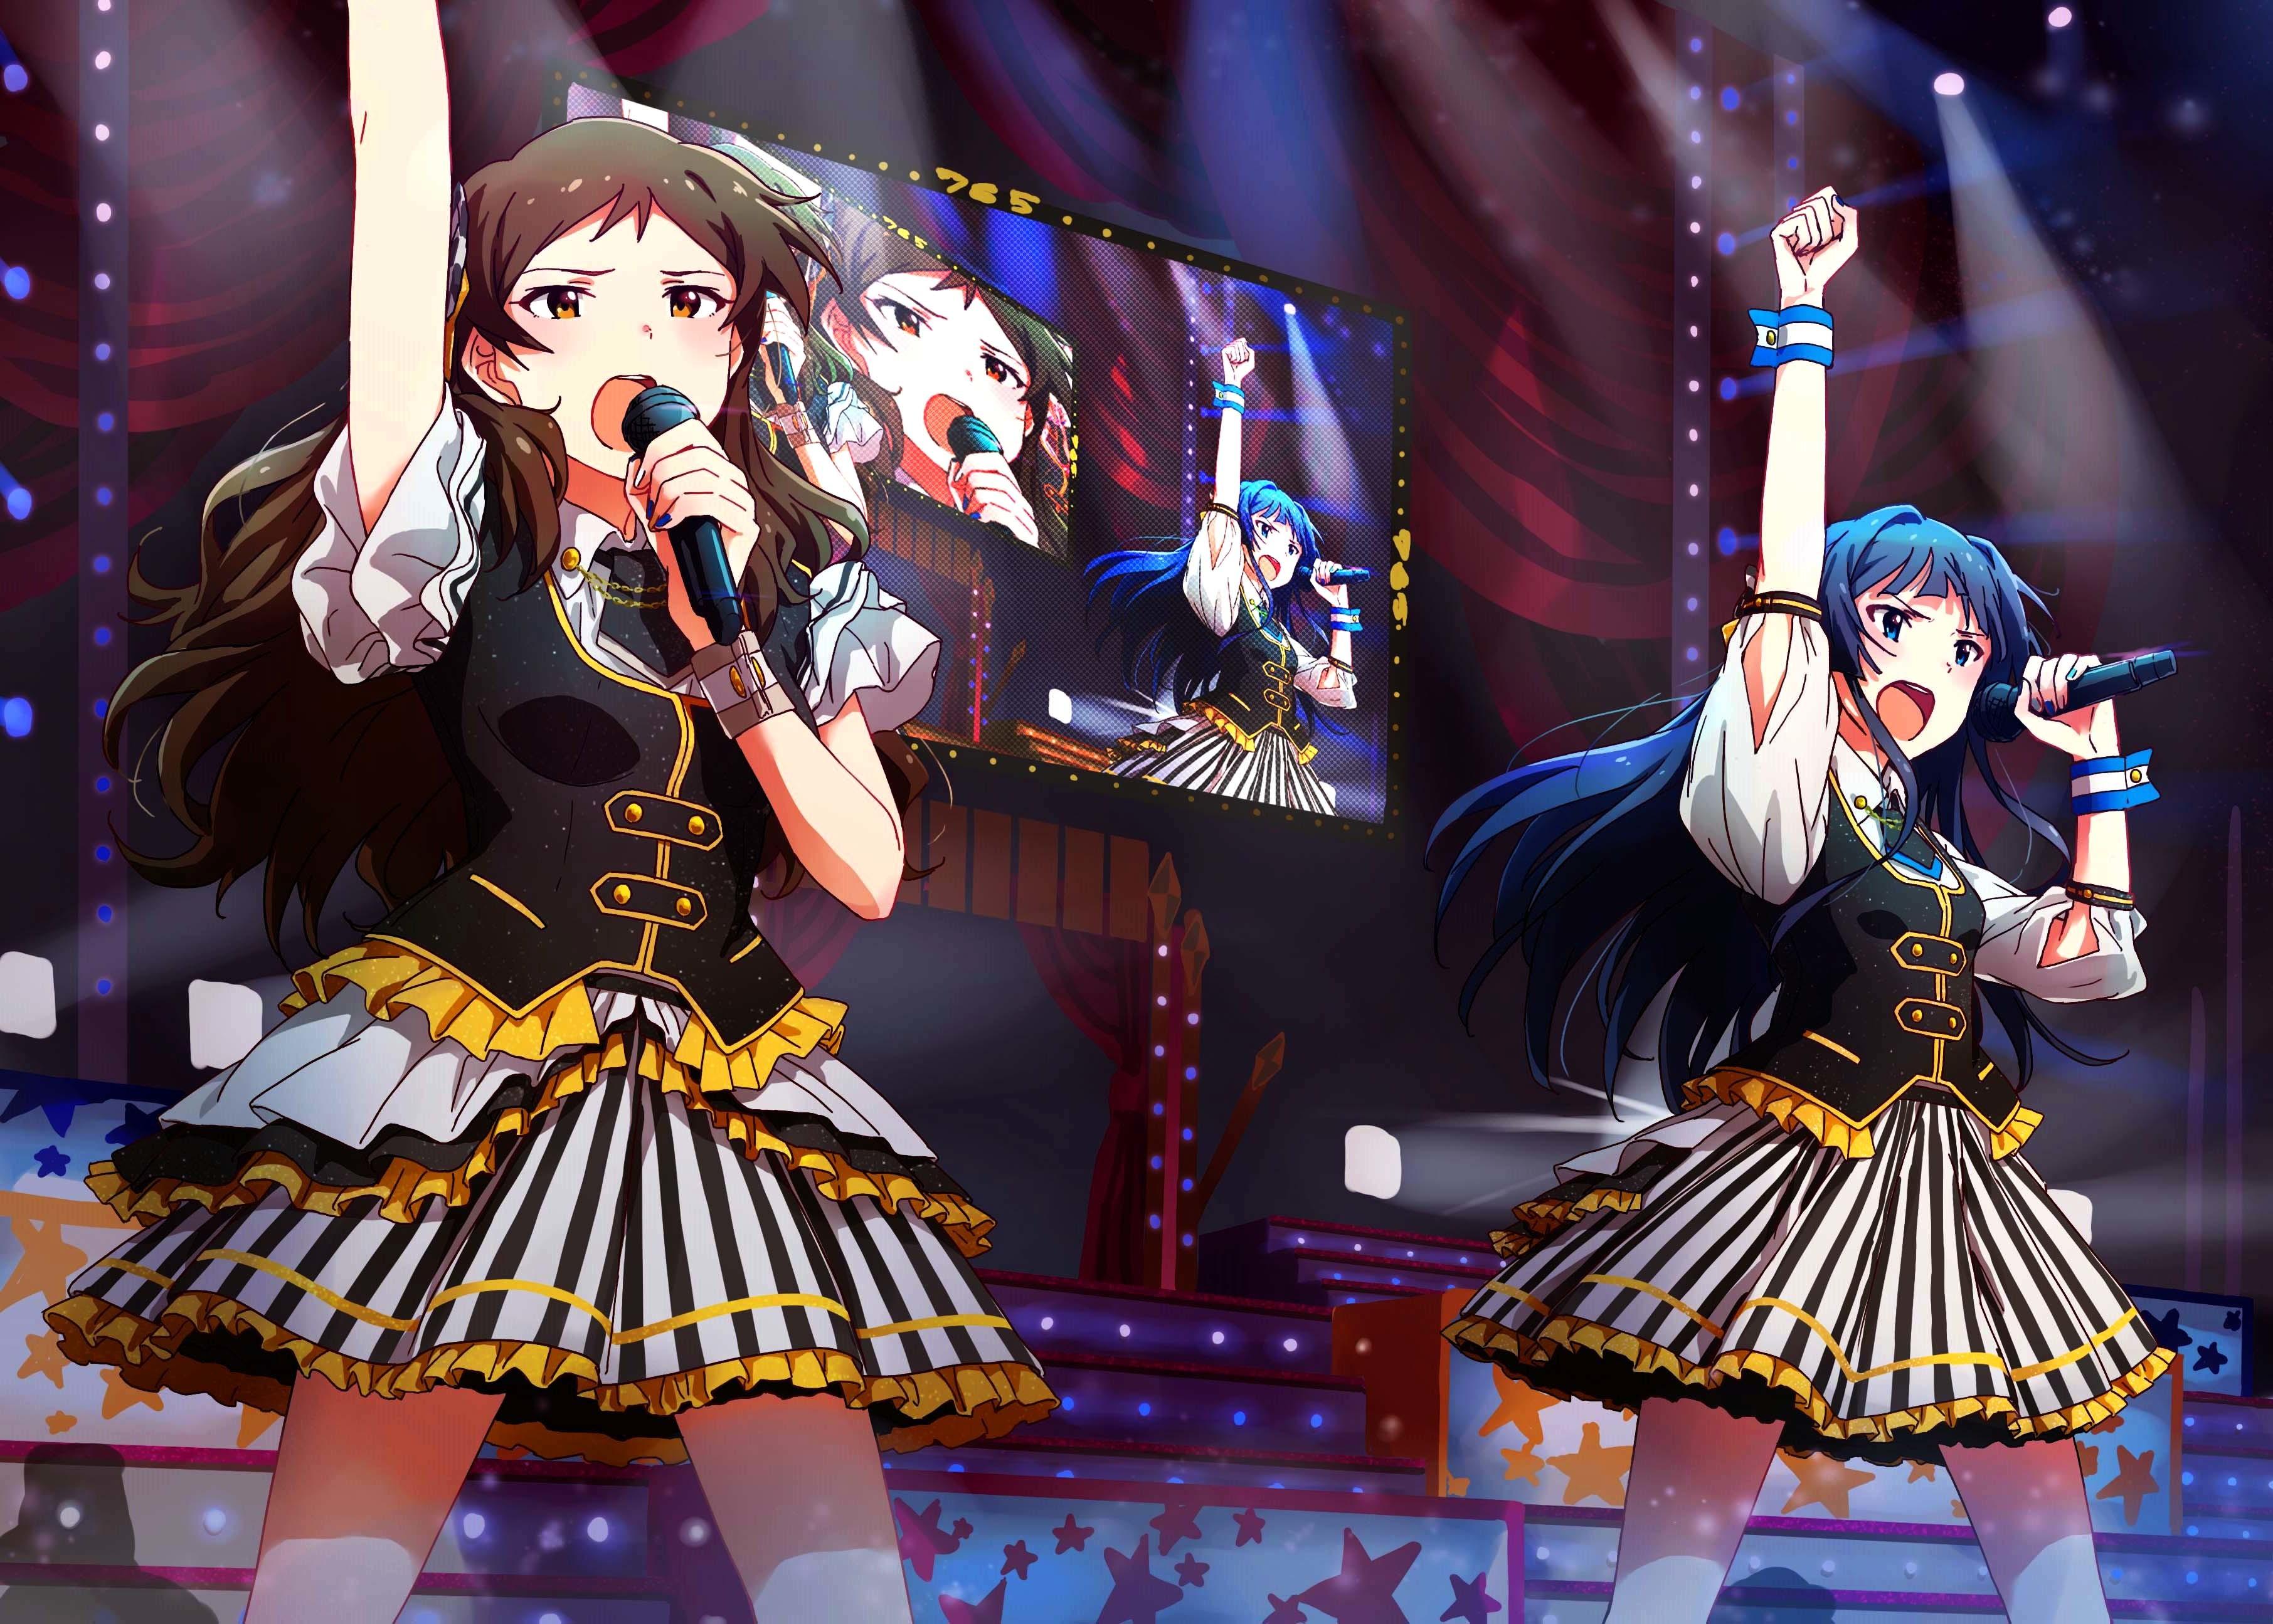 アイドルマスターミリオンライブ! 最上静香 北沢志保 / THE IDOLM@STER Mogami Shizuka Kitazawa Shiho #2349